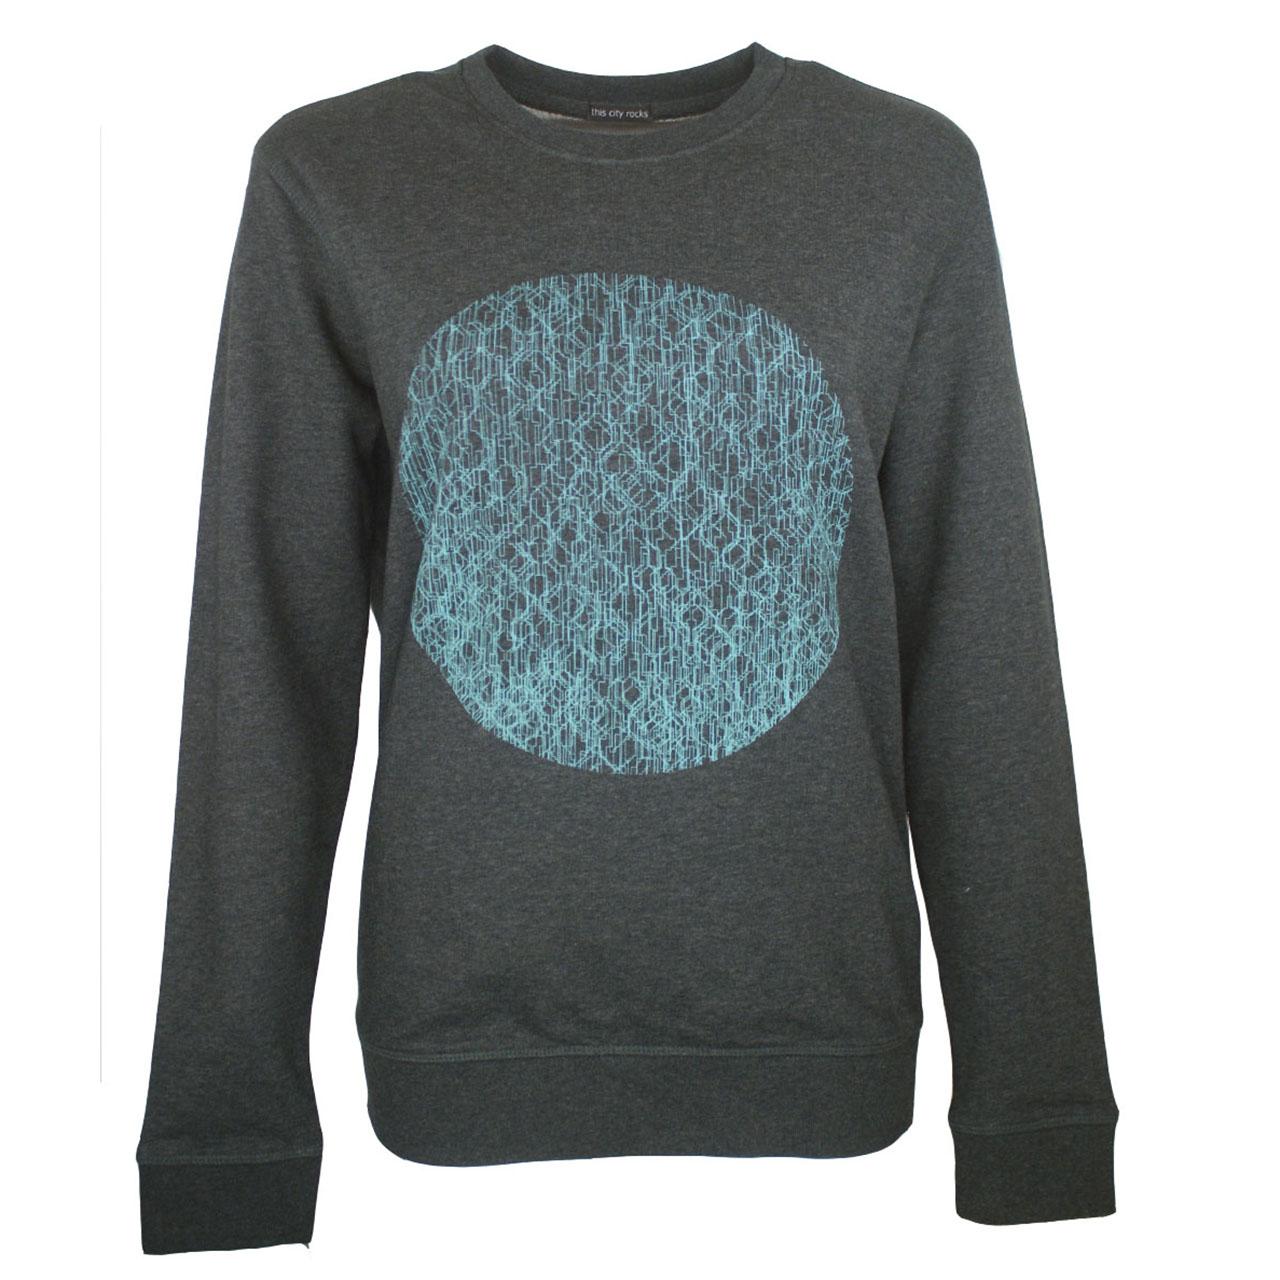 Berlin Design Sweatshirt Fernsehturm Kreise antrazyt/blau